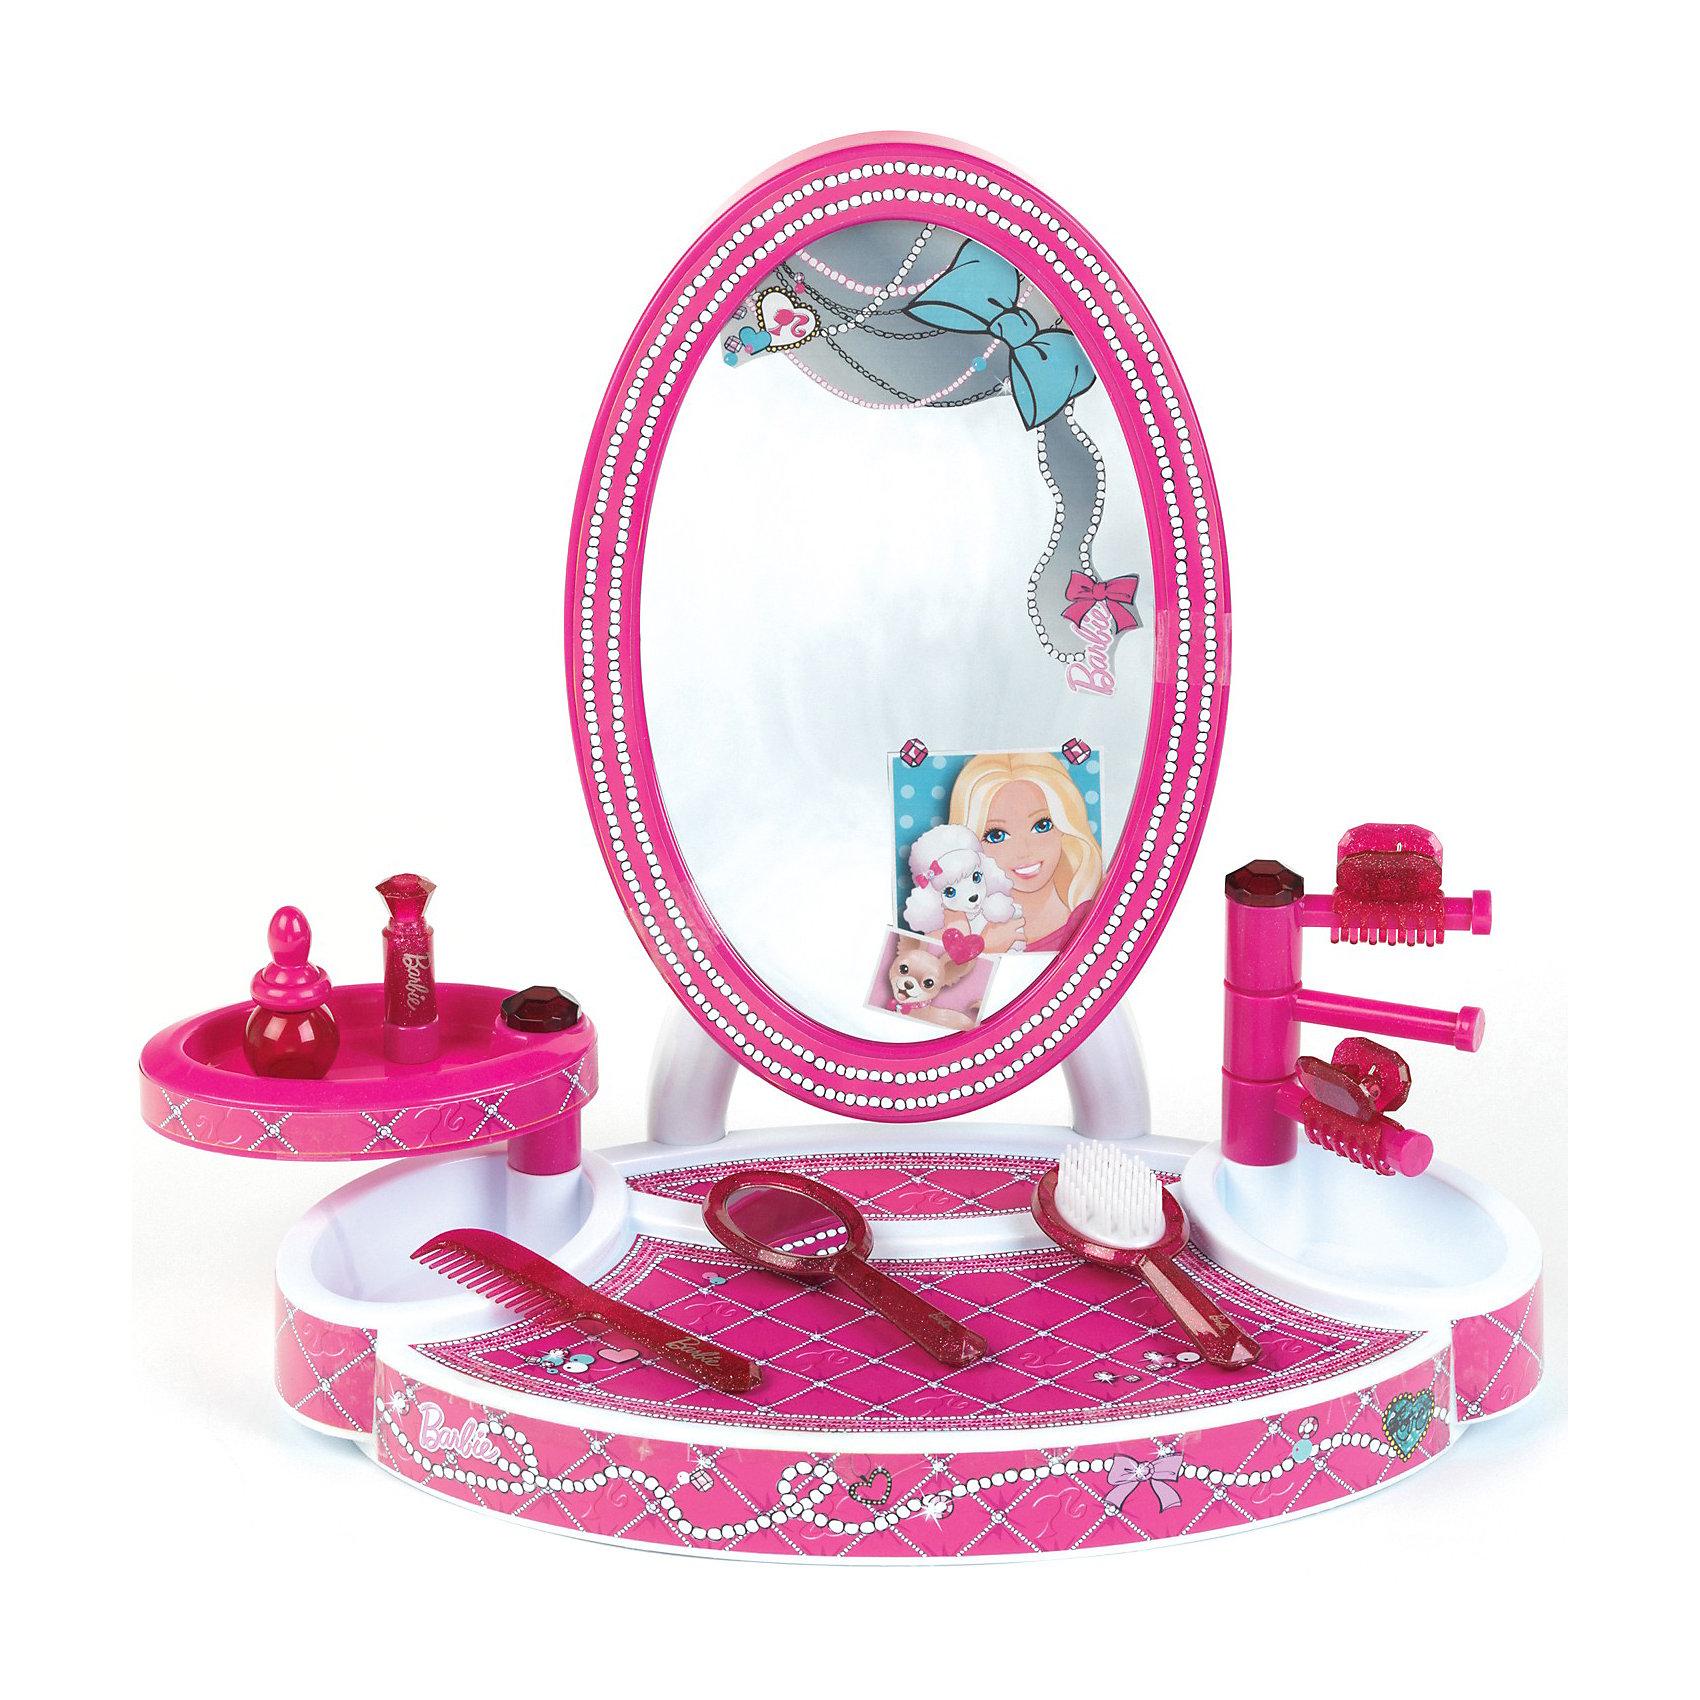 Студия красоты Barbie с аксессуарами, KleinСтудия красоты Barbie от Кляйн (Klein) - отличная студия для маленьких модниц. Игровой набор выполнен в виде большого зеркала с платформой, которую можно использовать как туалетный столик, и стойками. В наборе есть все необходимое чтобы экспериментировать в создании модных образов себе и своим любимым куклам: расческа, щетка для волос, флакончик, заколки для волос. Все предметы имеют стильный дизайн и выполнены в приятных ярко-розовых тонах. Столик и рамка зеркала украшены изображением красивого узора из жемчужных нитей.  <br><br>Дополнительная информация:<br><br>- В наборе: большое зеркало со стойками и платформой, щетка, расческа, зеркальце, флакончик, заколки.<br>- Материал: пластик.<br>- Высота столика с зеркалом: 42 см.<br>- Размер упаковки: 52 х 40 х 11 см.<br>- Вес: 1,4 кг.<br><br>Студию красоты Barbie (Барби), Klein, можно купить в нашем интернет-магазине.<br><br>Ширина мм: 530<br>Глубина мм: 400<br>Высота мм: 122<br>Вес г: 1412<br>Возраст от месяцев: 36<br>Возраст до месяцев: 1164<br>Пол: Женский<br>Возраст: Детский<br>SKU: 3191302